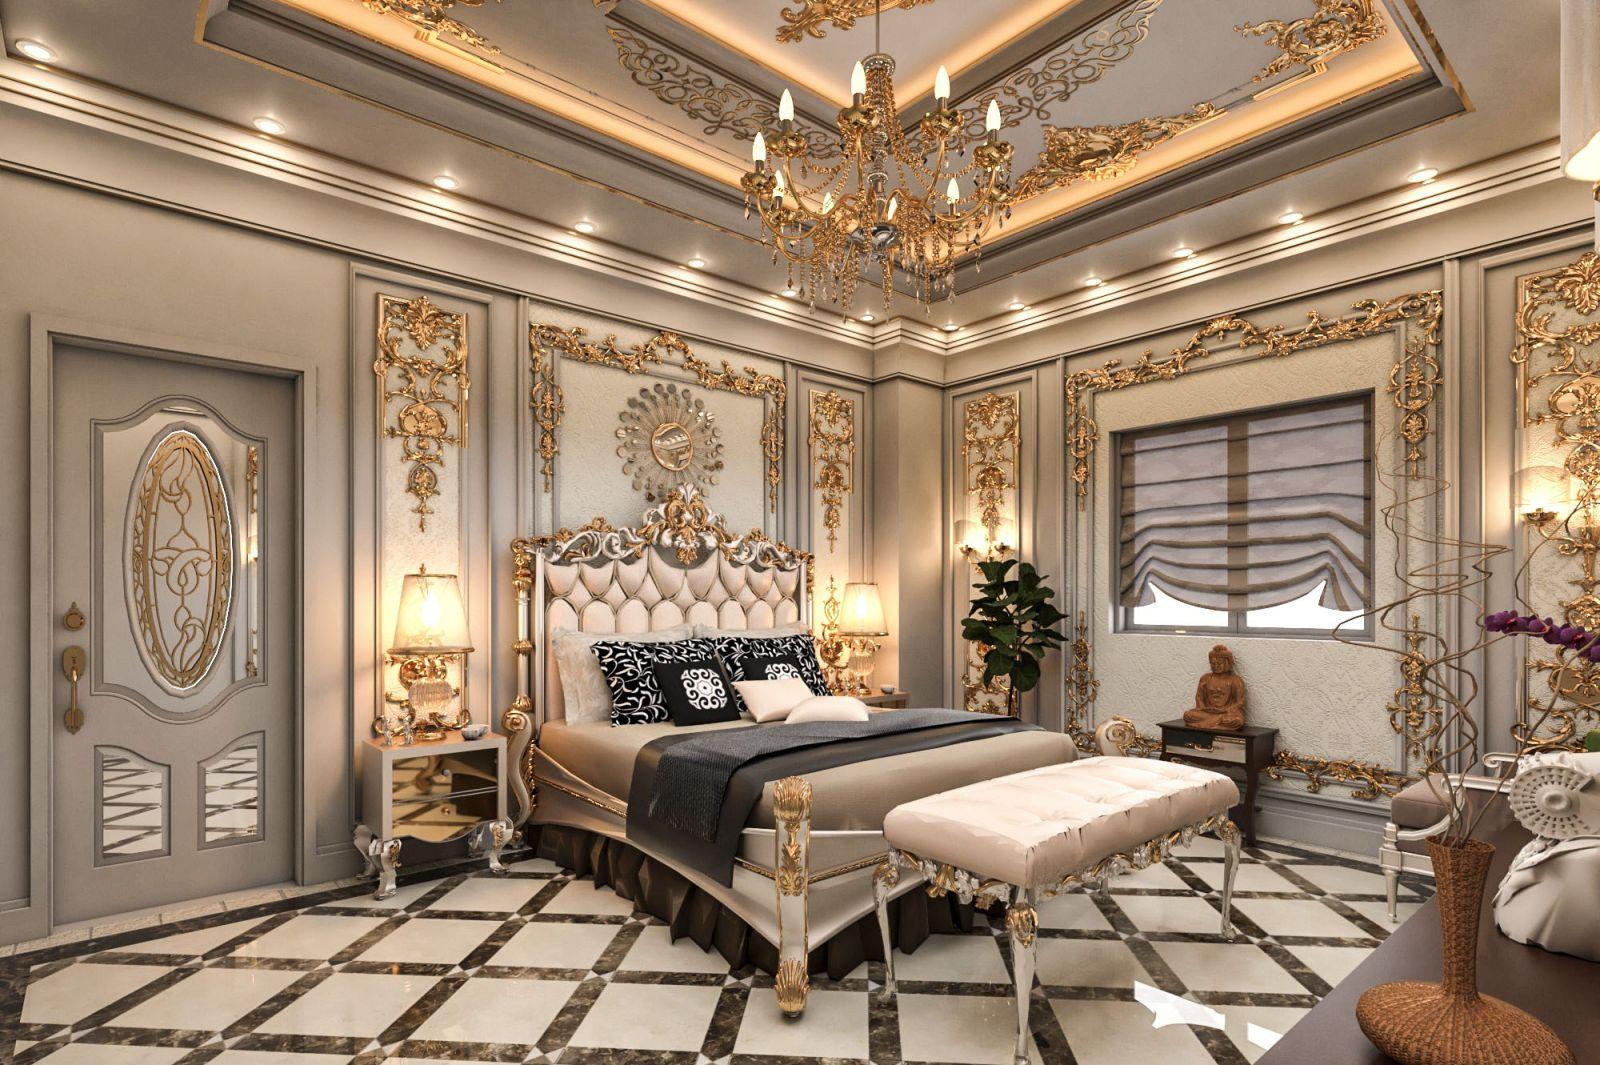 Tone màu trắng làm nền cho nội thất cổ điển phòng ngủ